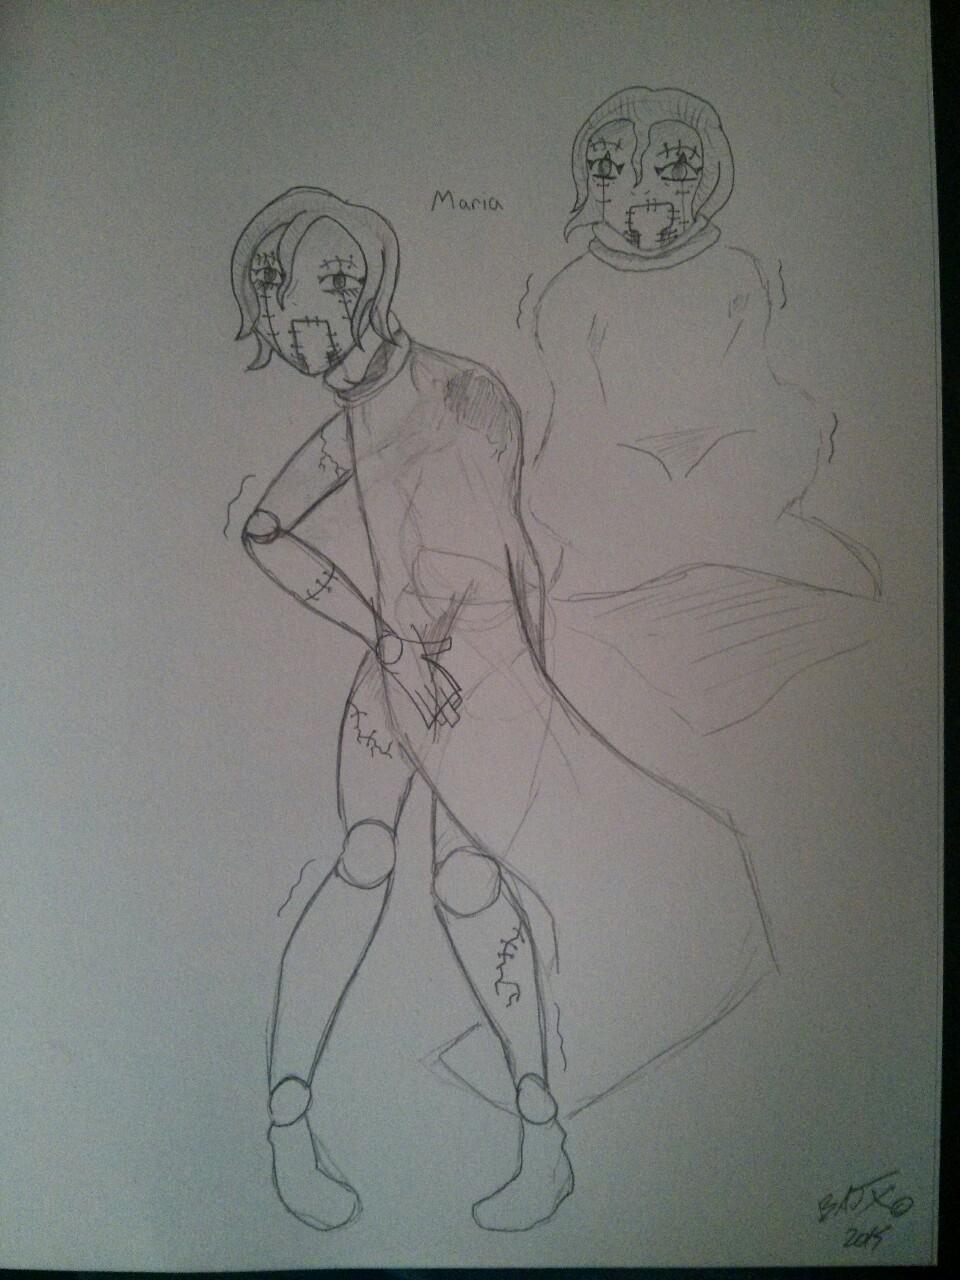 MoS: Maria Concept #2